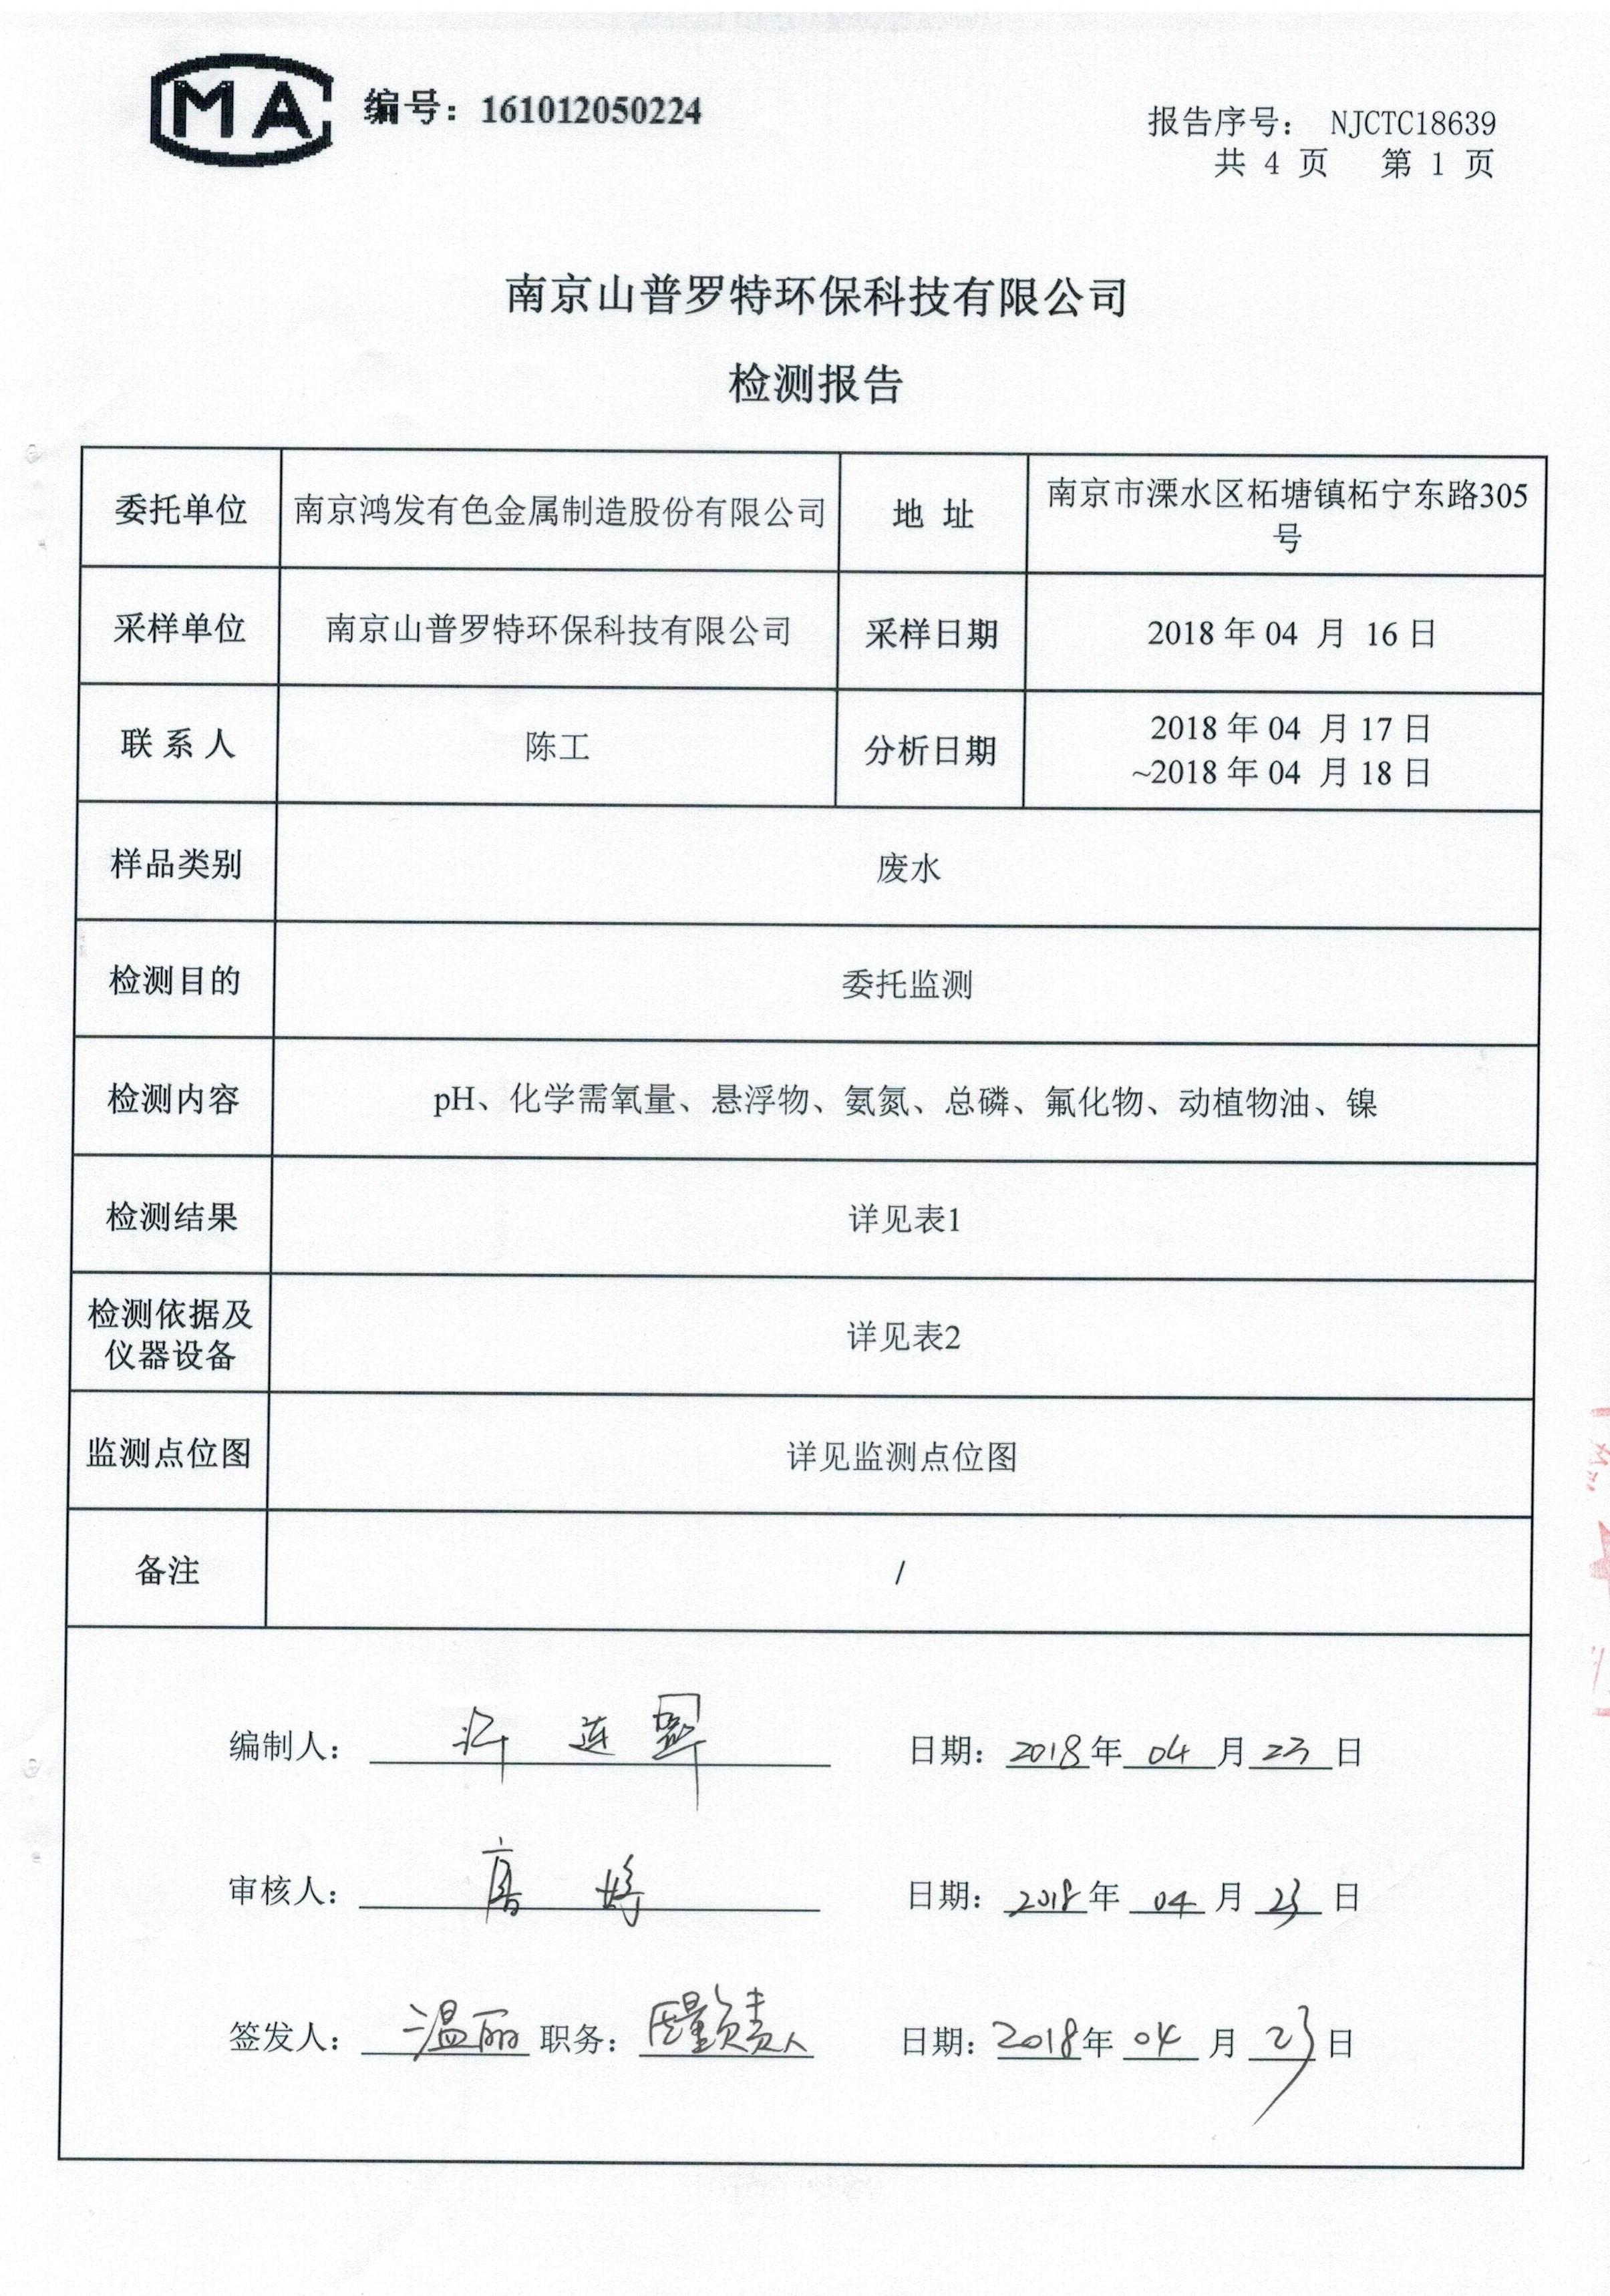 检测报告8 (2)